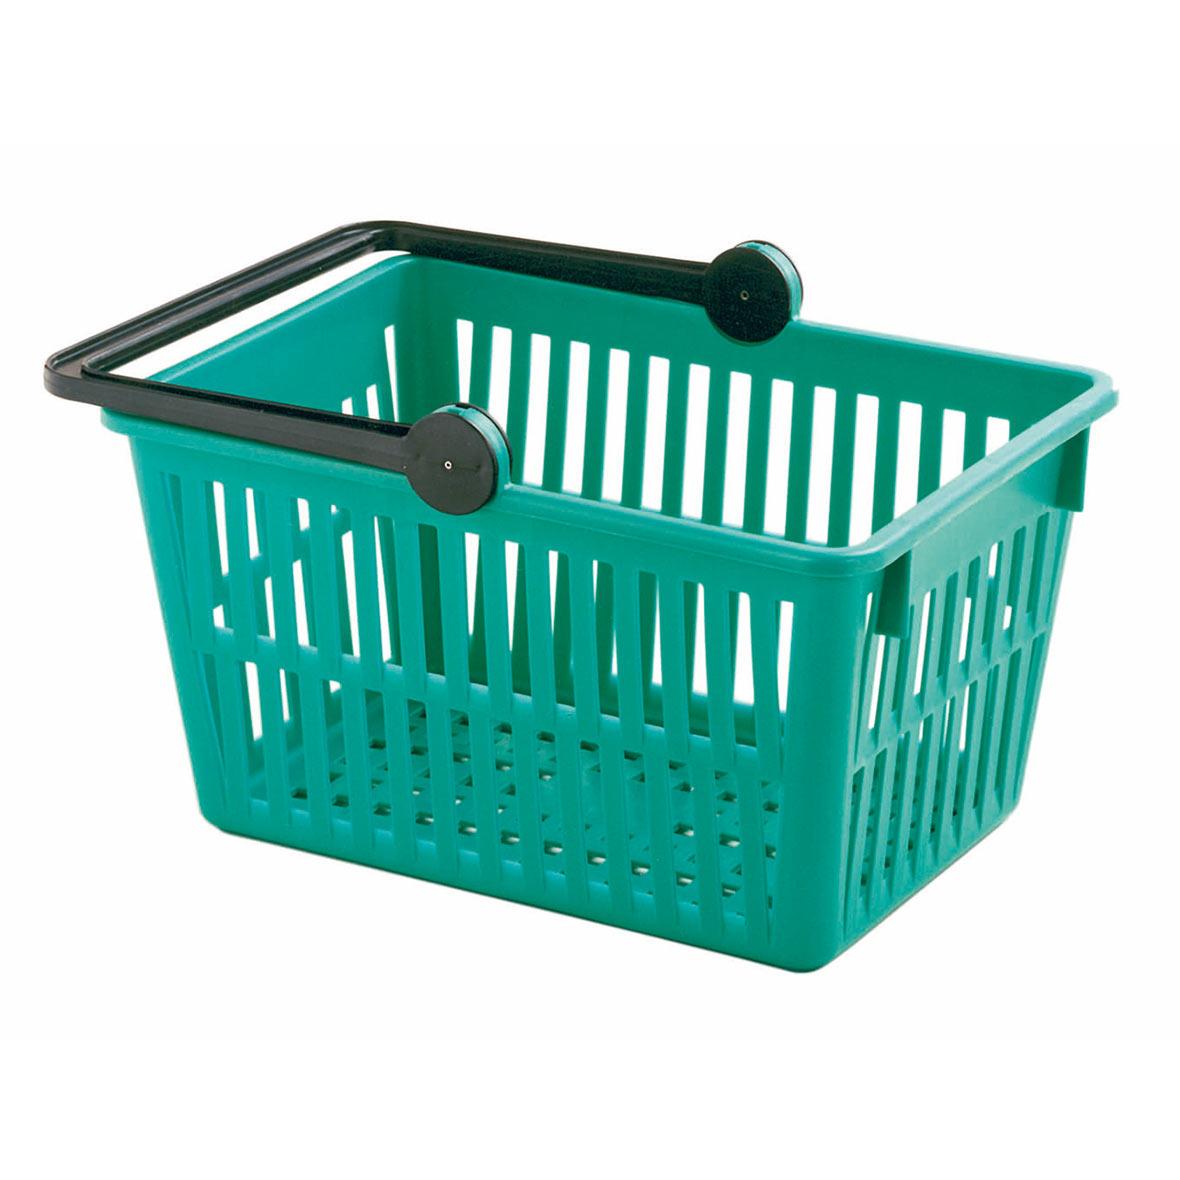 einkaufskorb farbe grün von stöckli